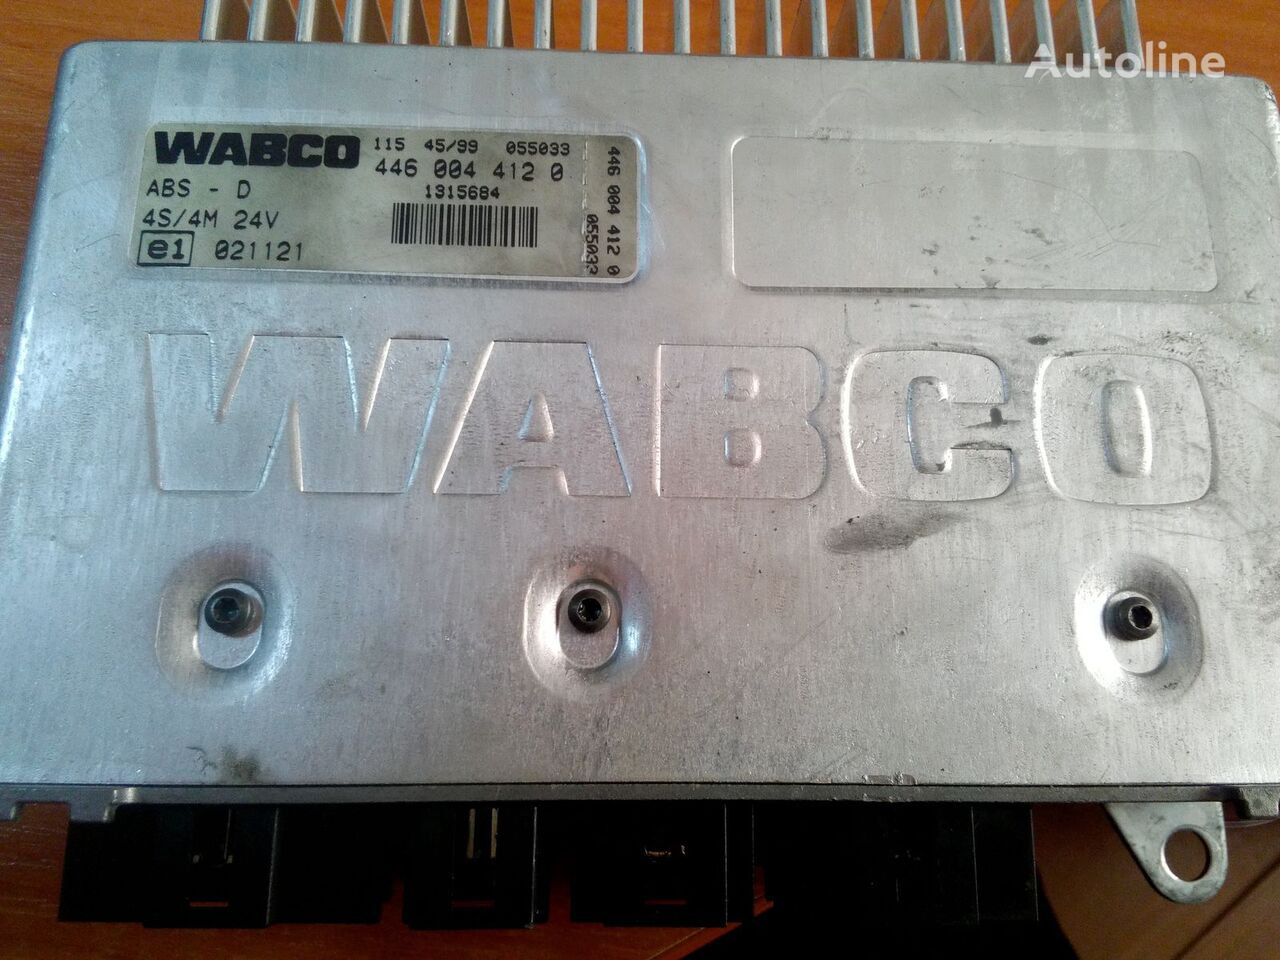 DAF 4460044120 WABCO control unit for DAF CF truck